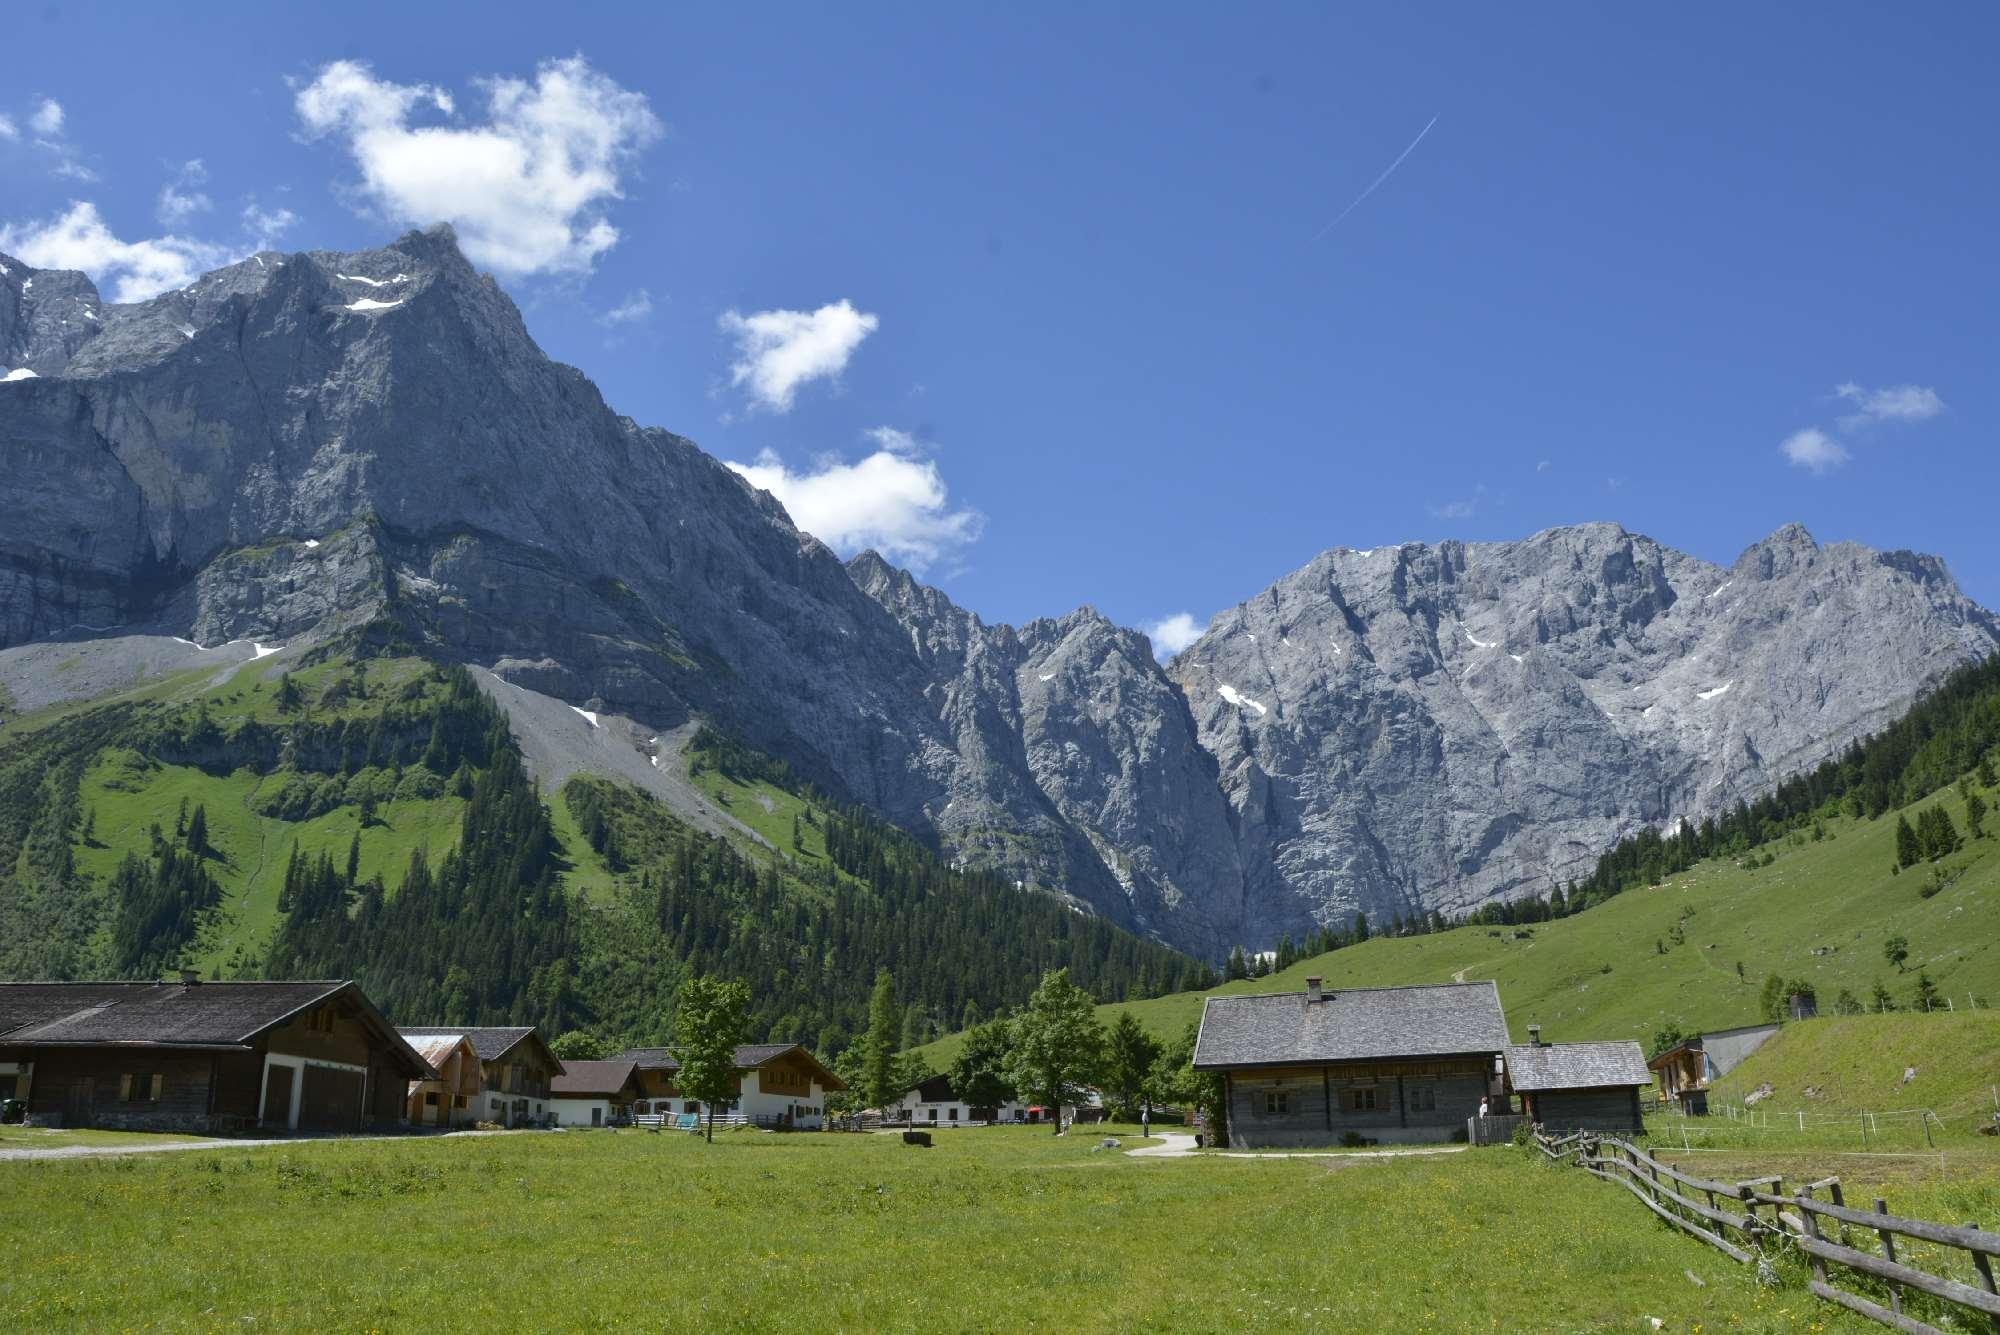 So schön ist das Karwendel zum Mountainbiken - mit vielen urigen Hütten!